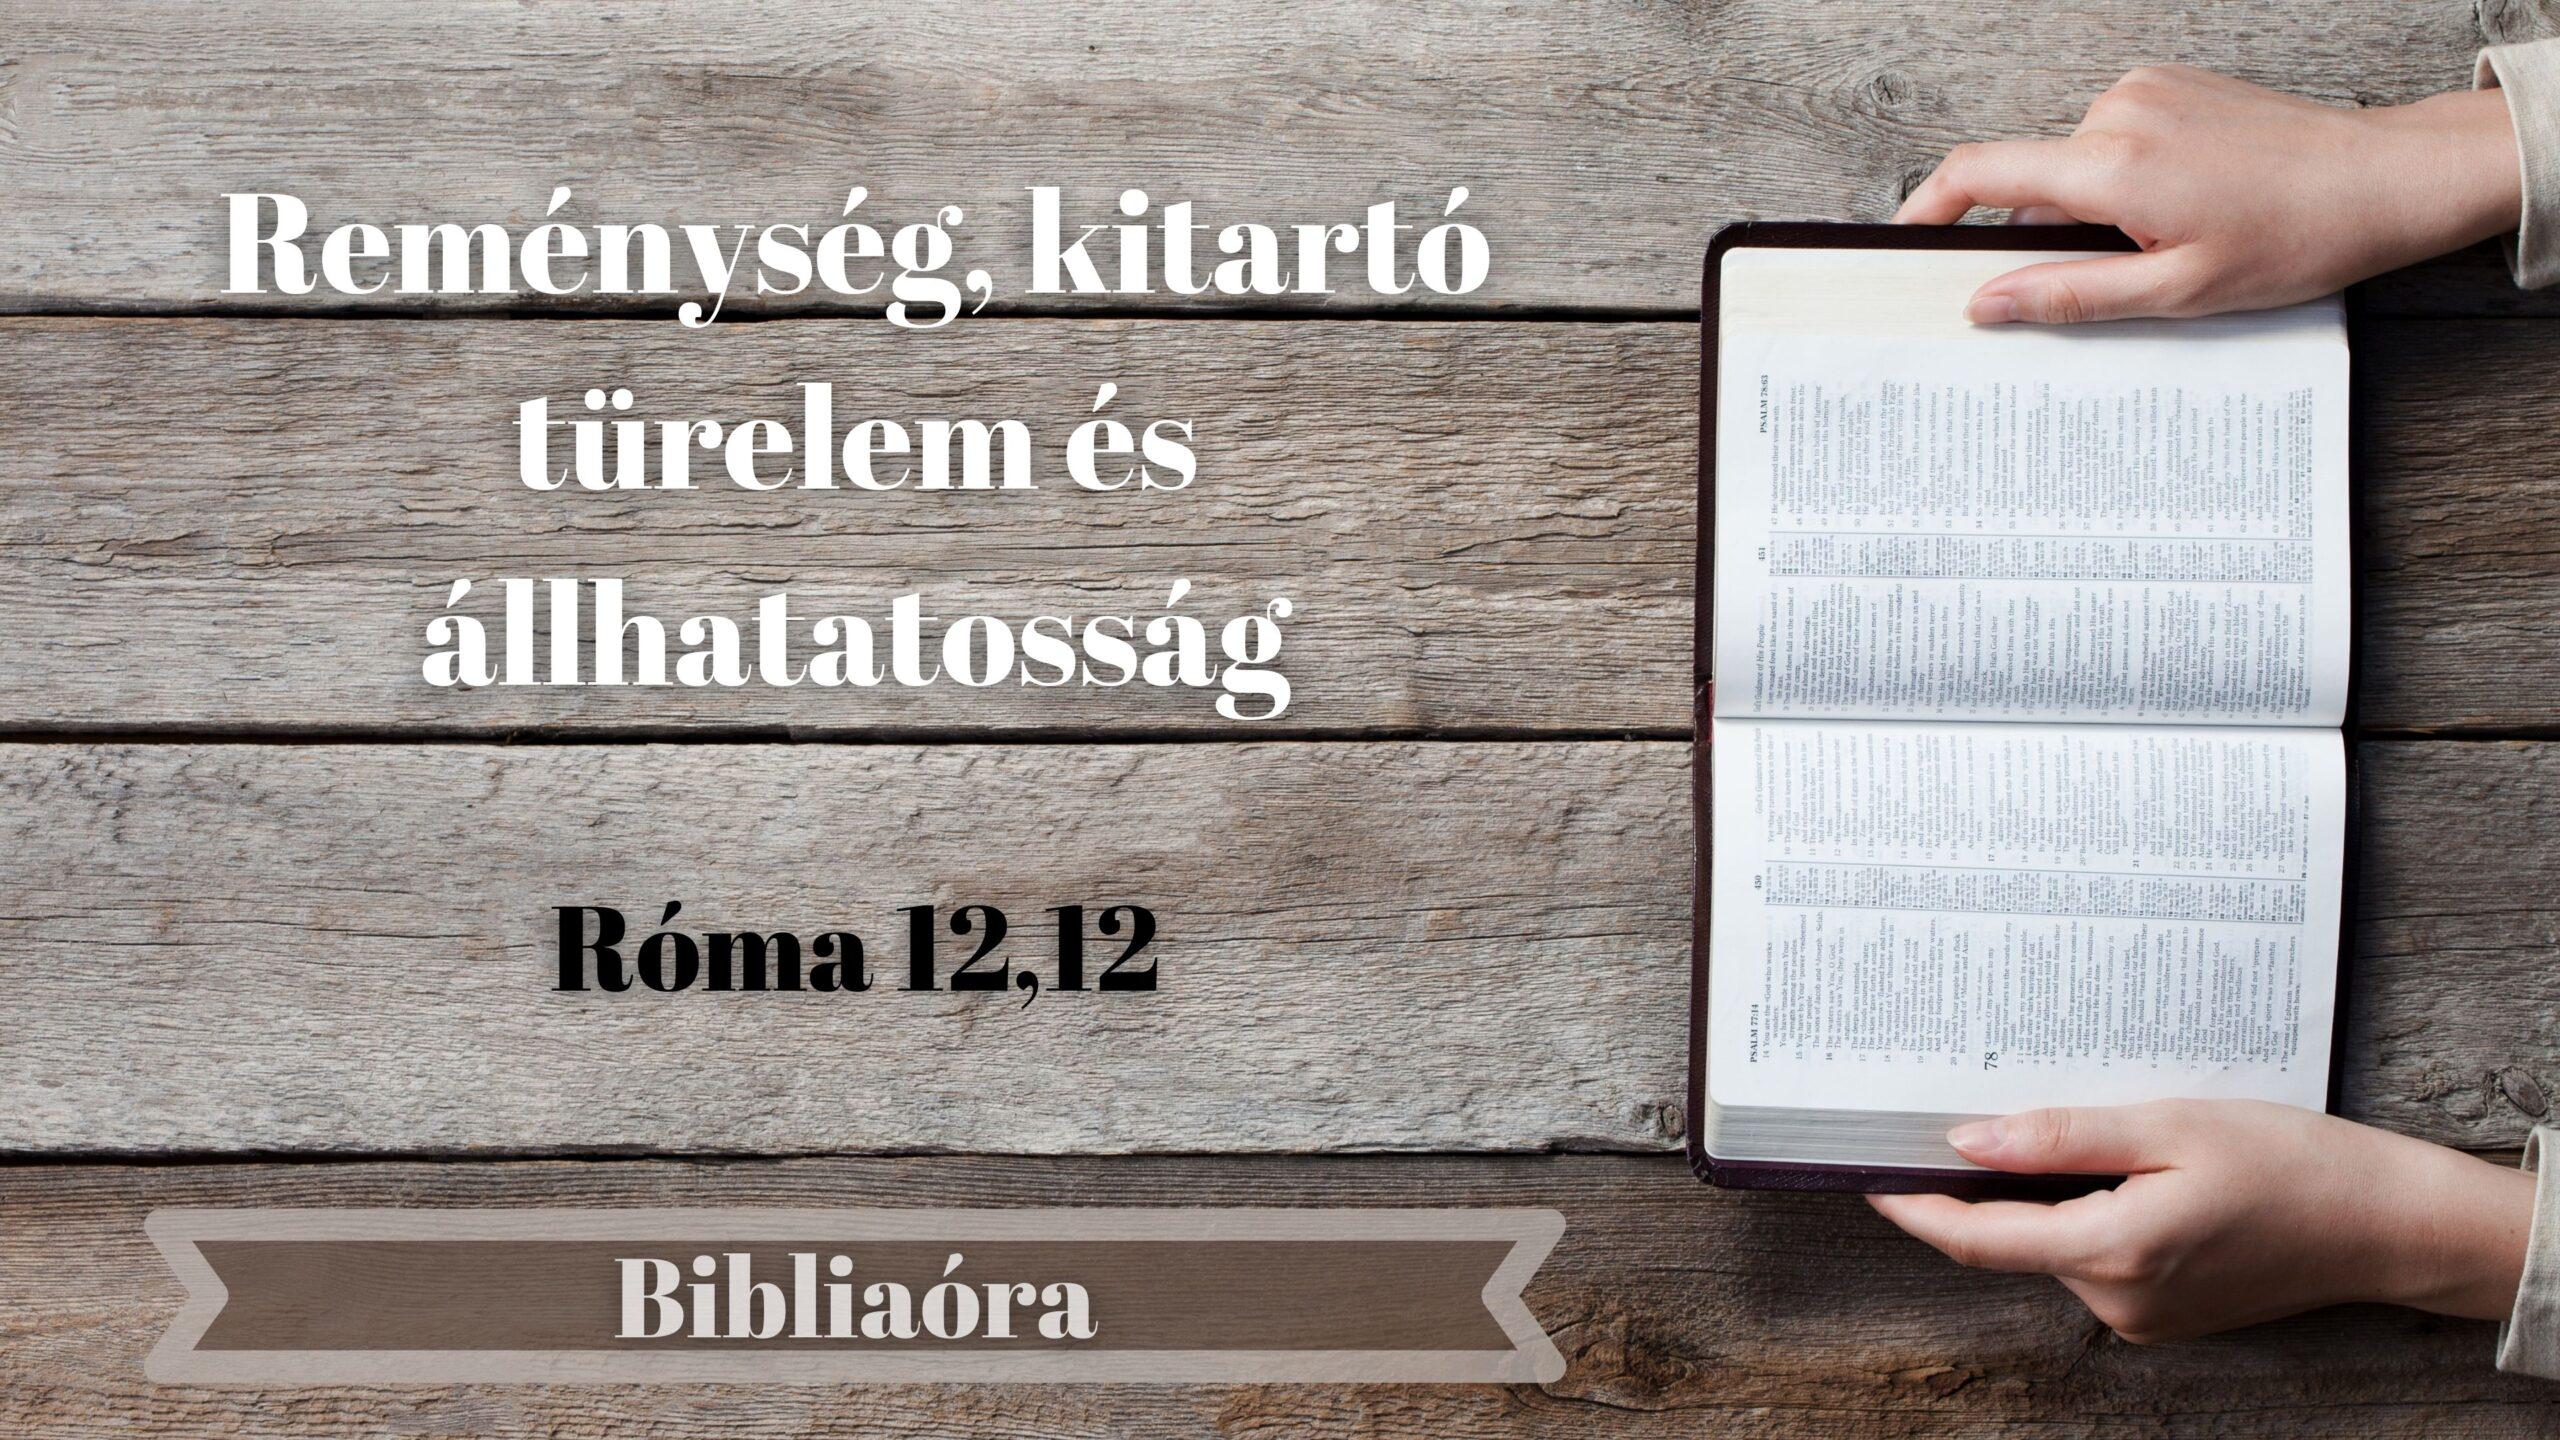 Bibliaóra: Reménység, kitartó türelem és állhatatosság